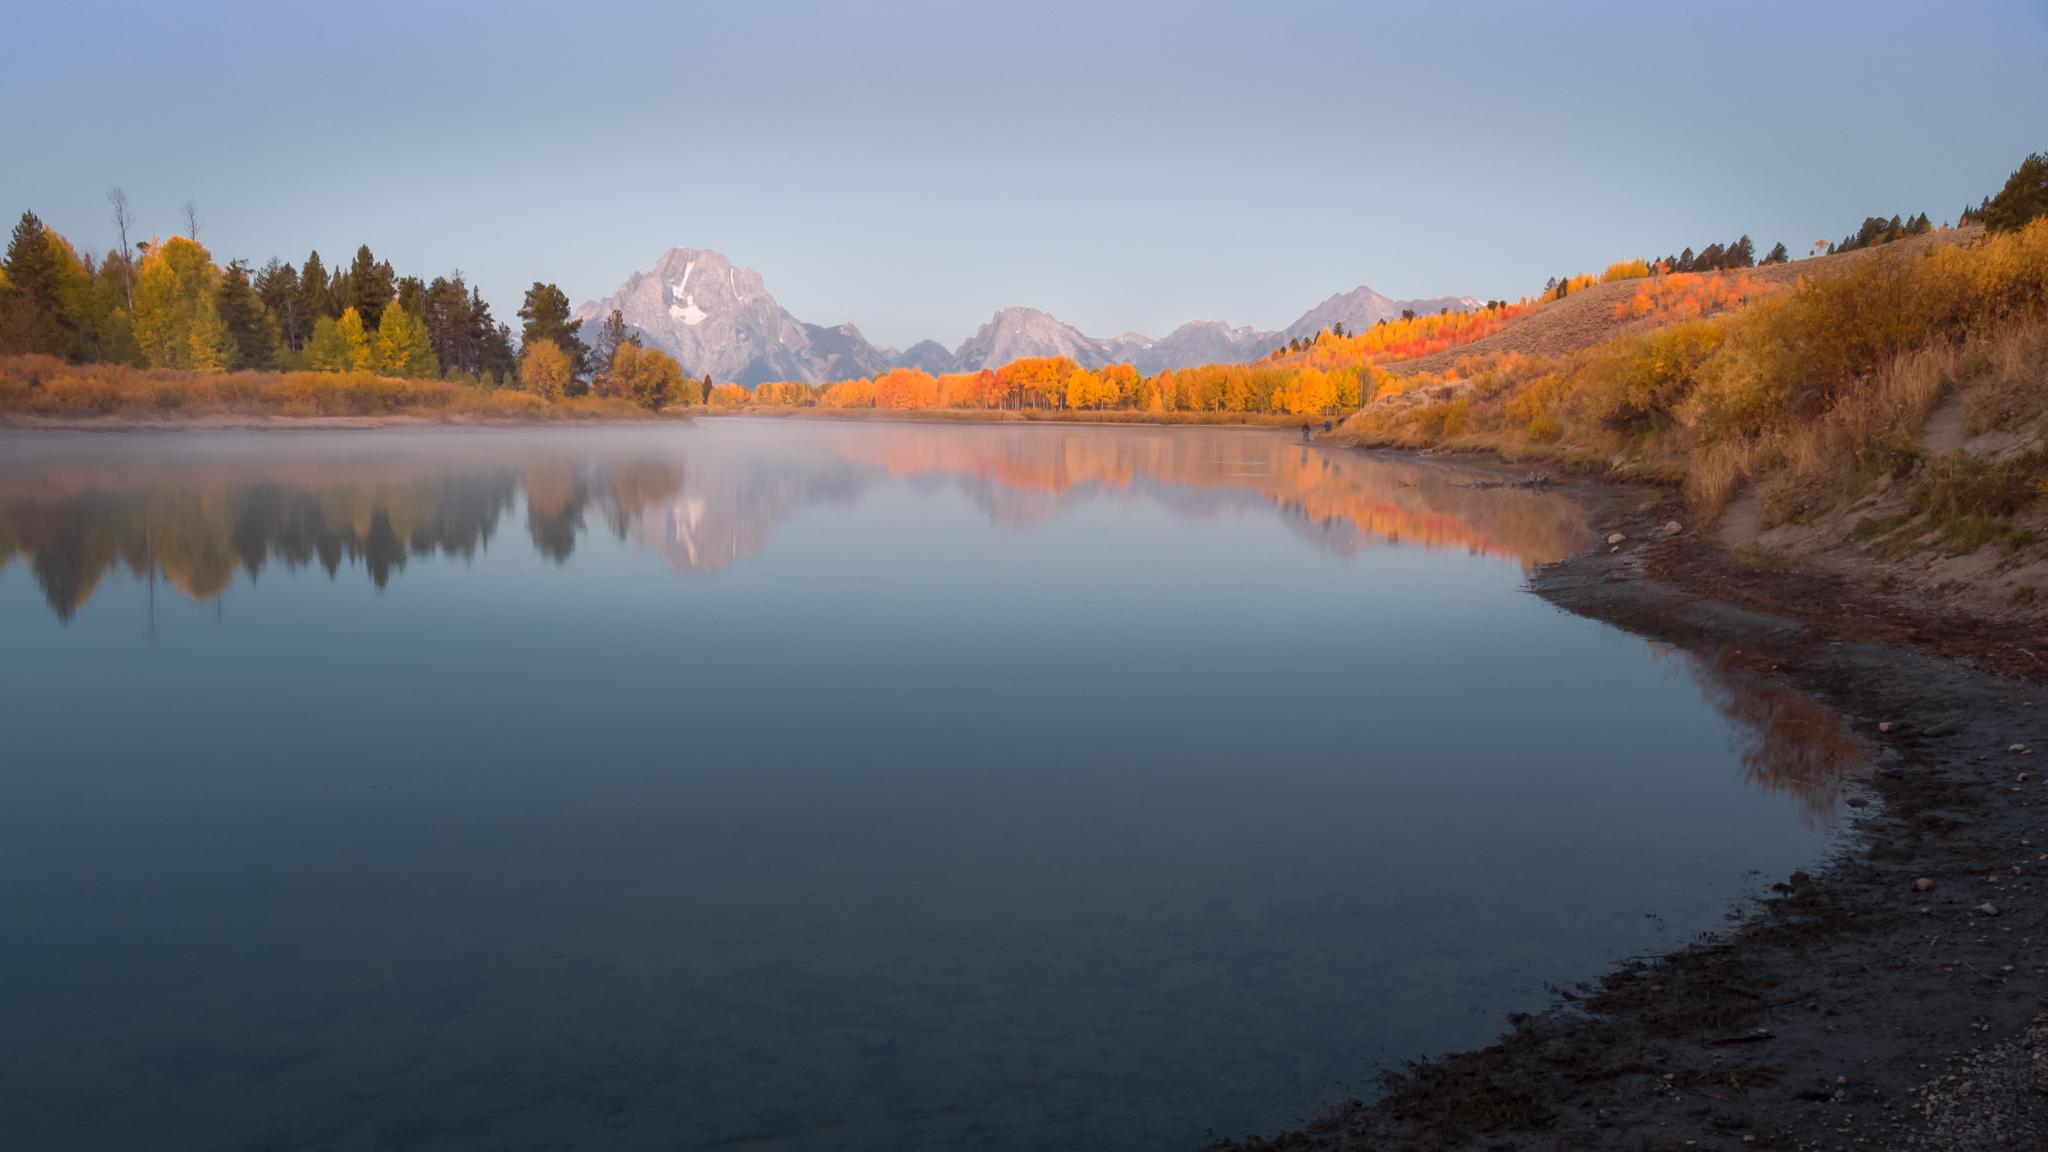 Snake River and Mount Moran, USA